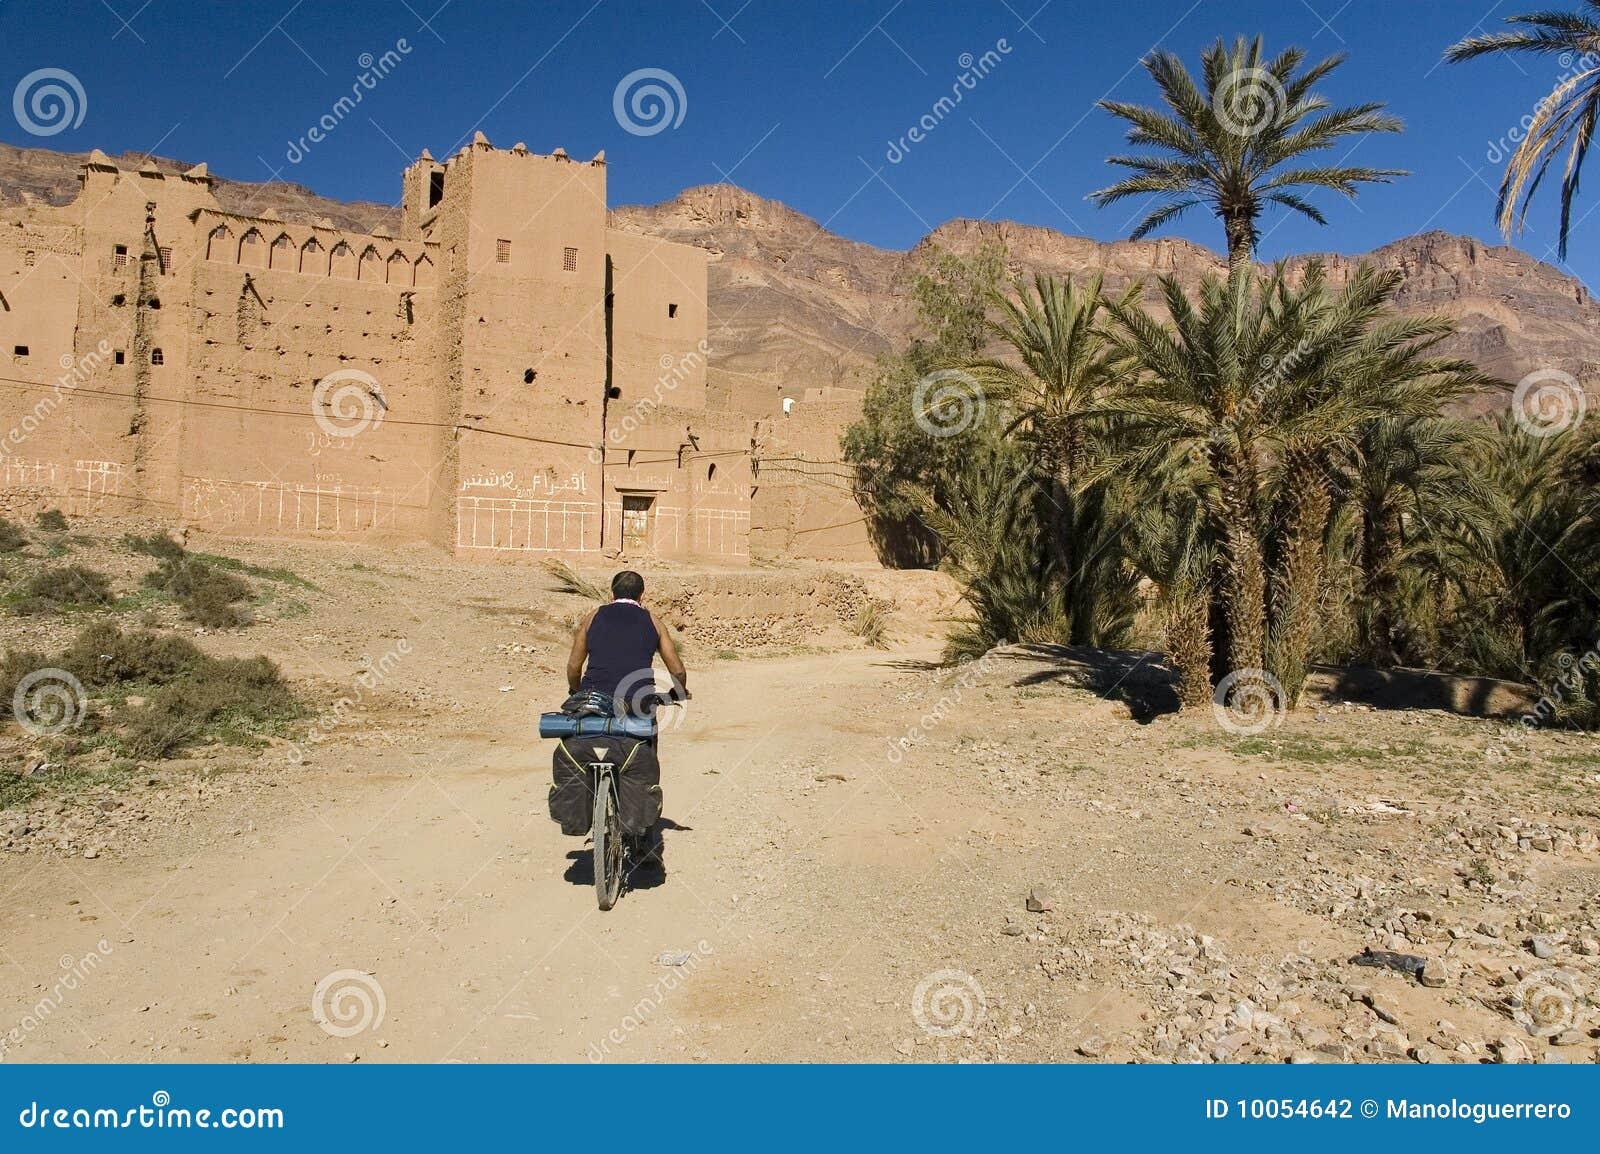 Equipe a ciclagem perto de uma vila pequena em Marrocos sul